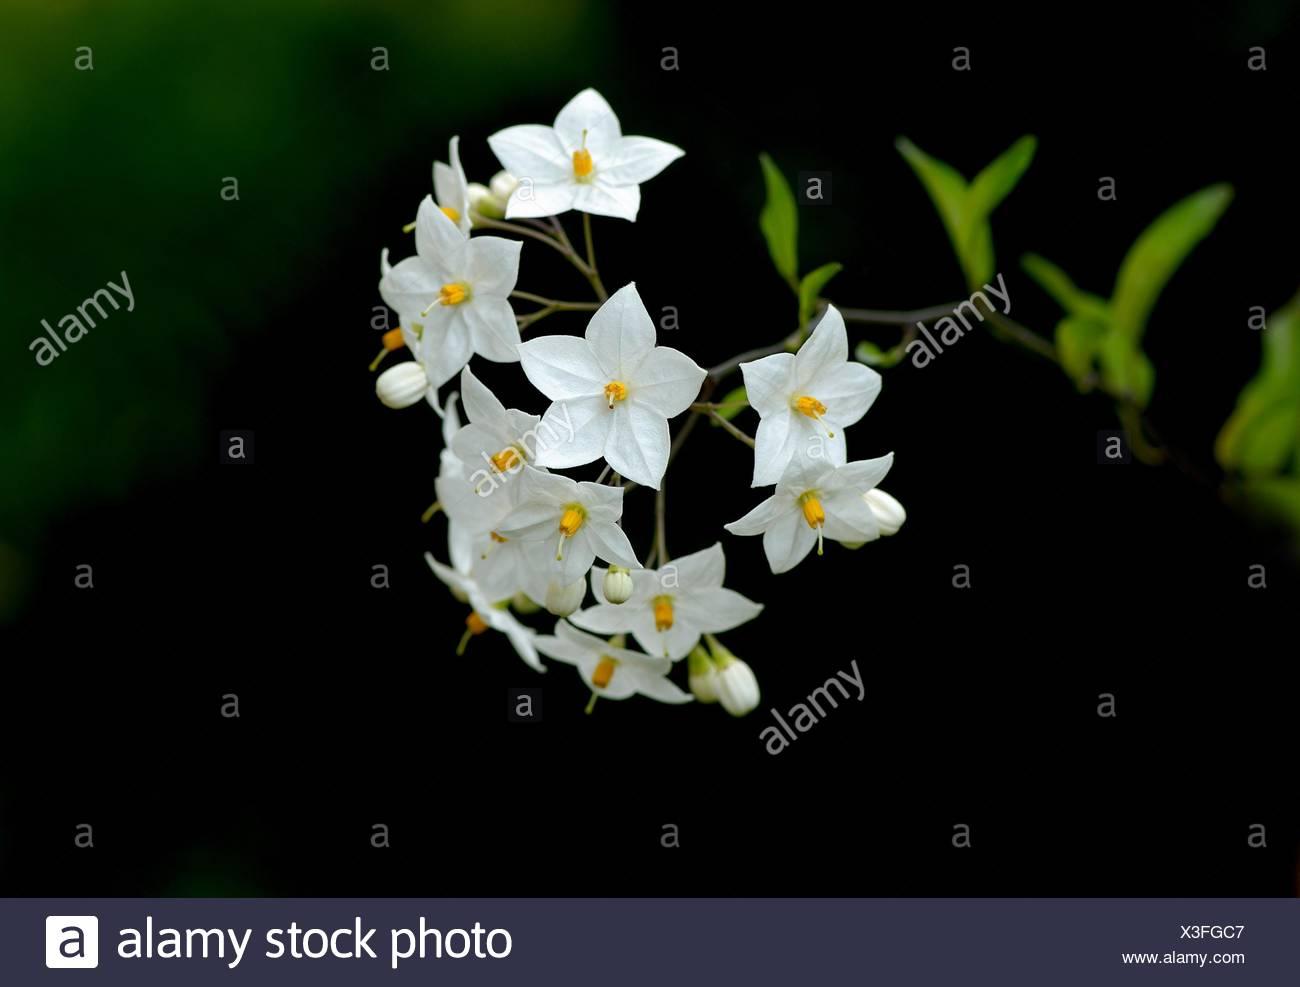 White potato tree - Stock Image